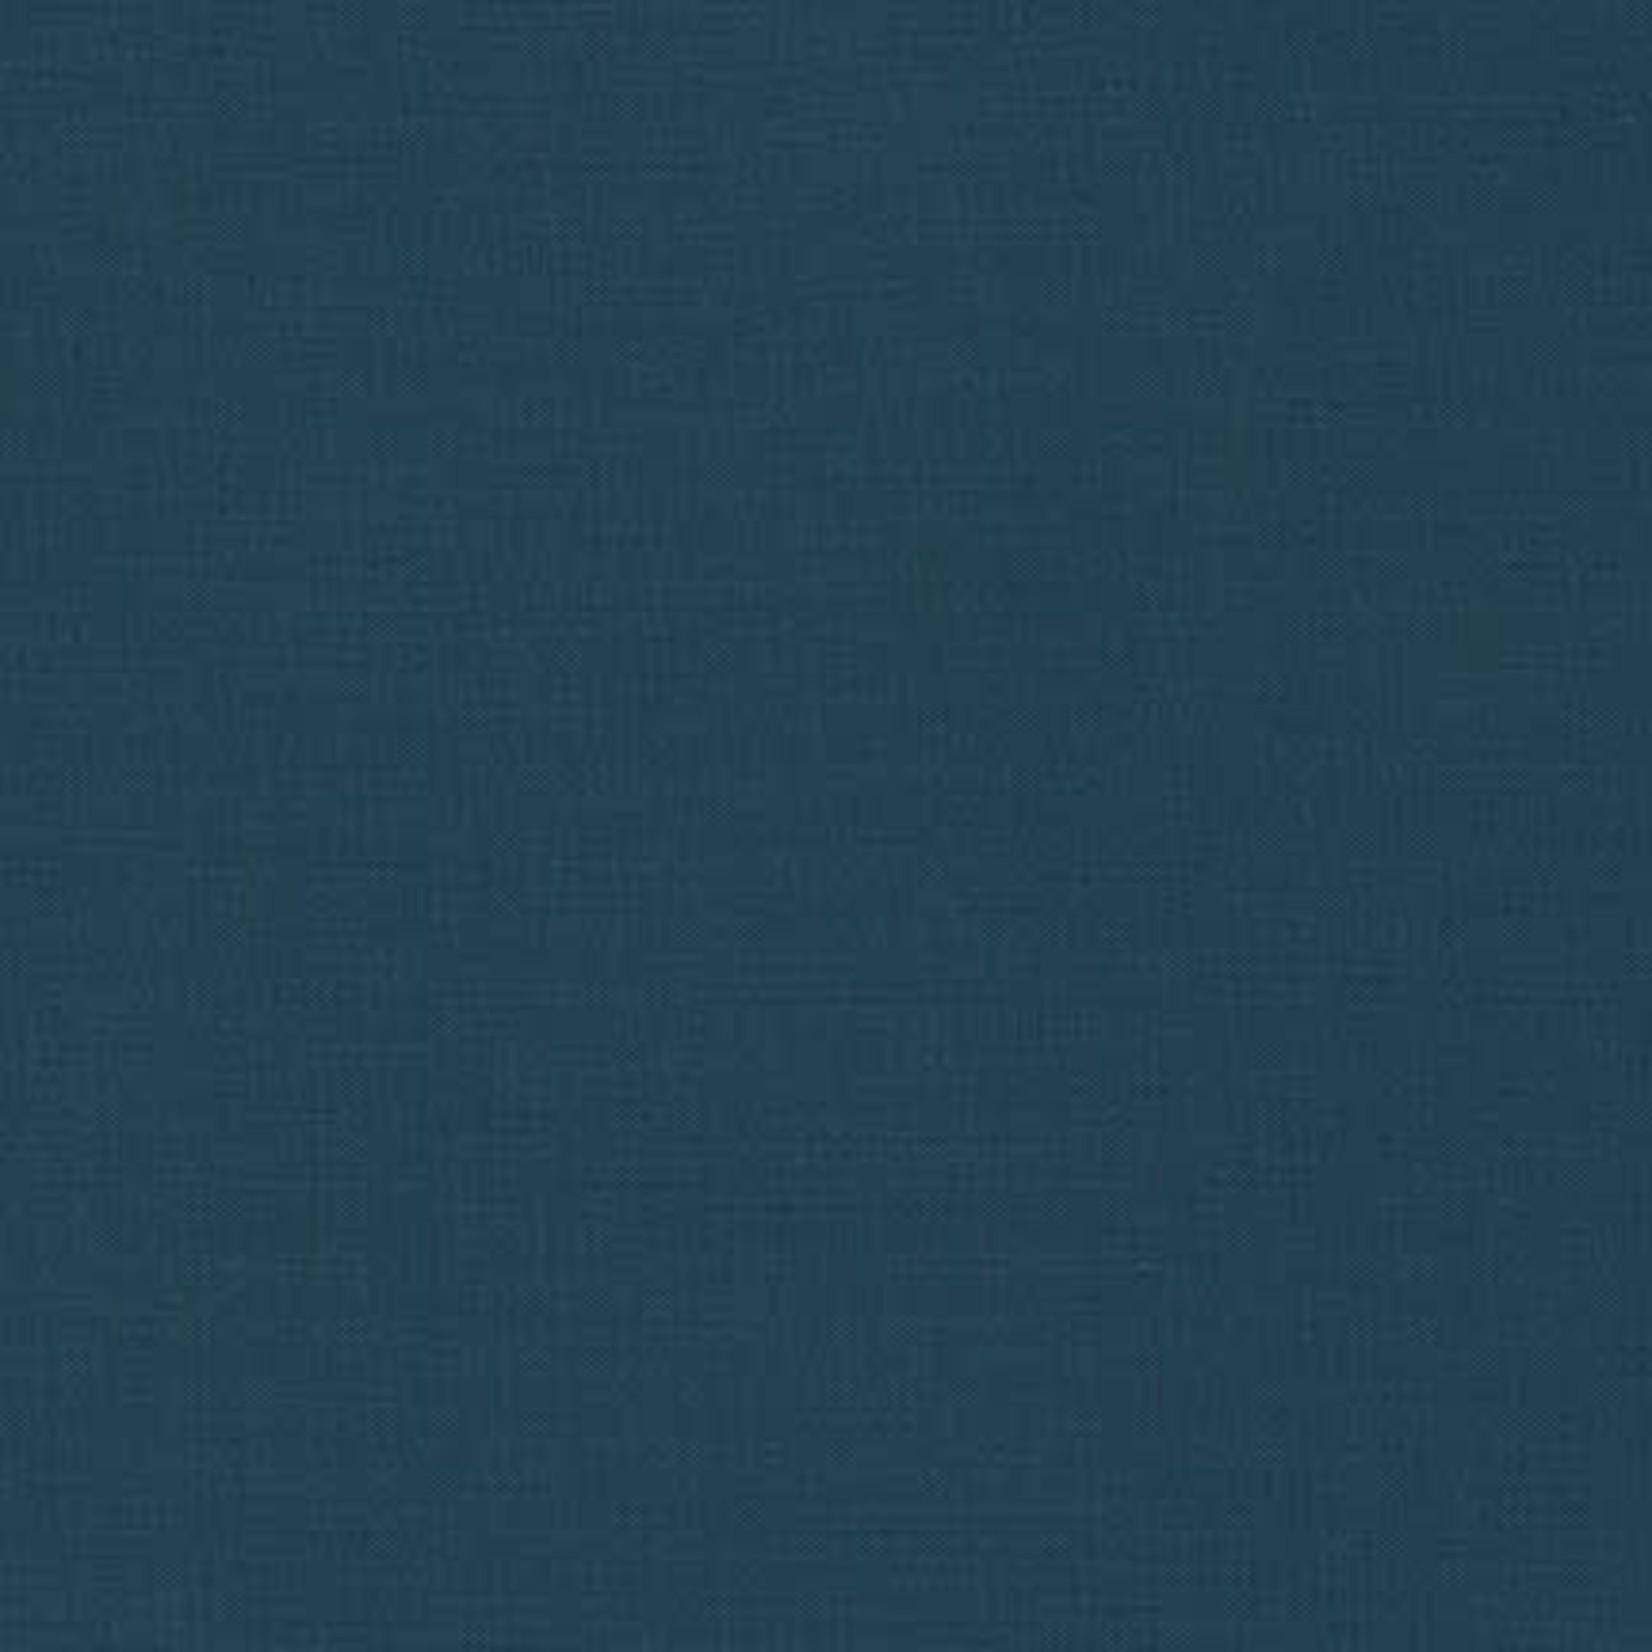 KONA KONA  K001-1389 WINDSOR, PER CM OR $14/M